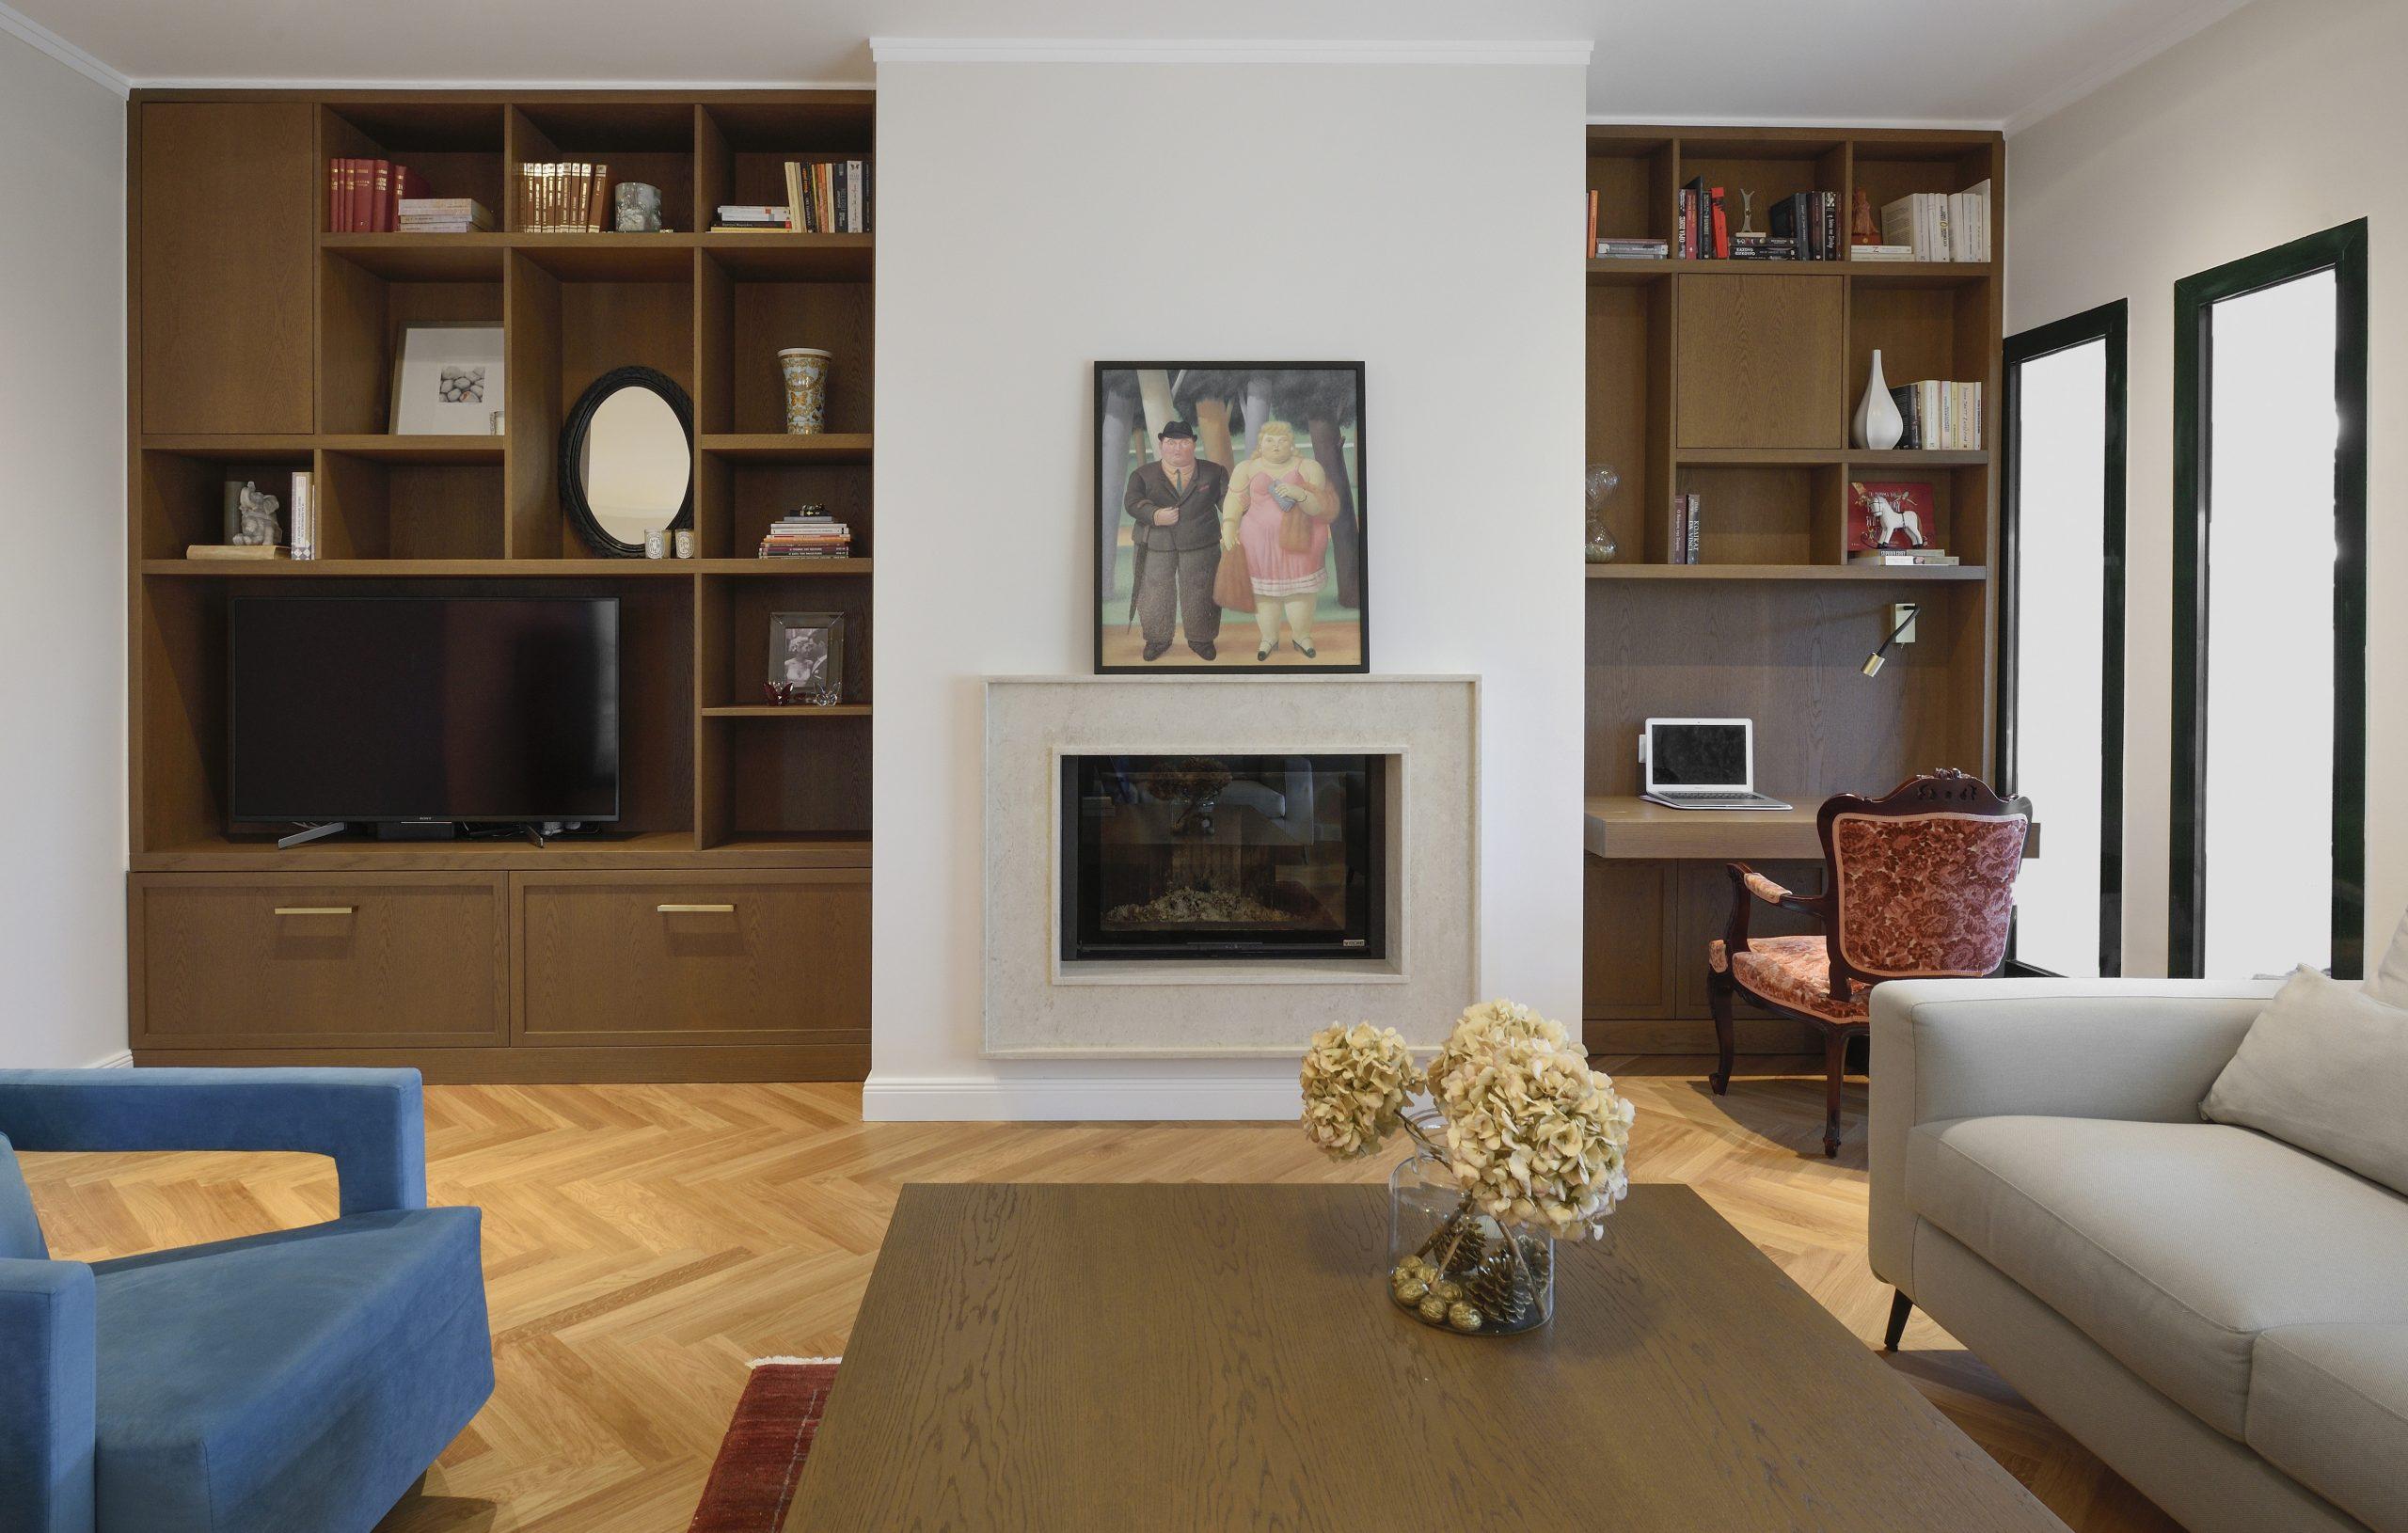 Τhree-storey residence